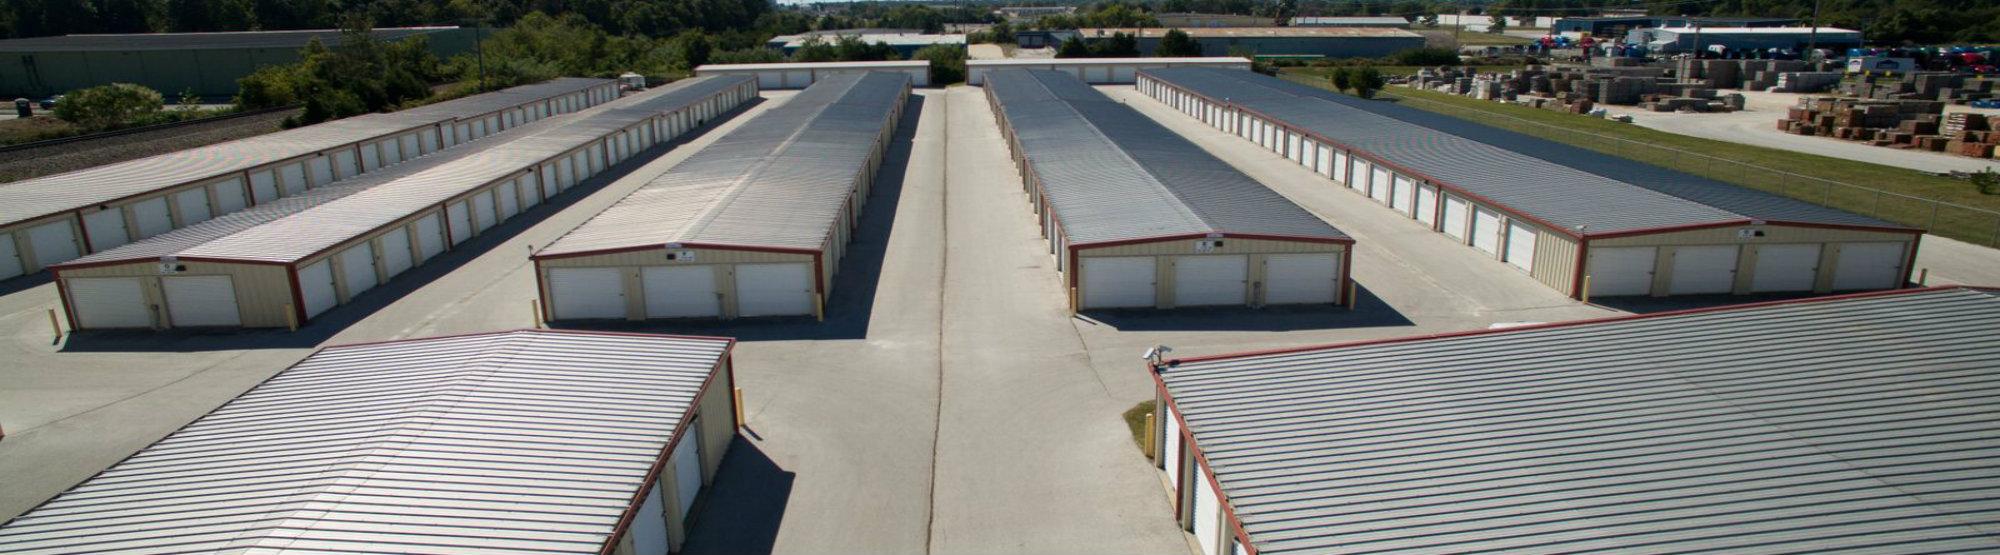 Eastway Storage Center